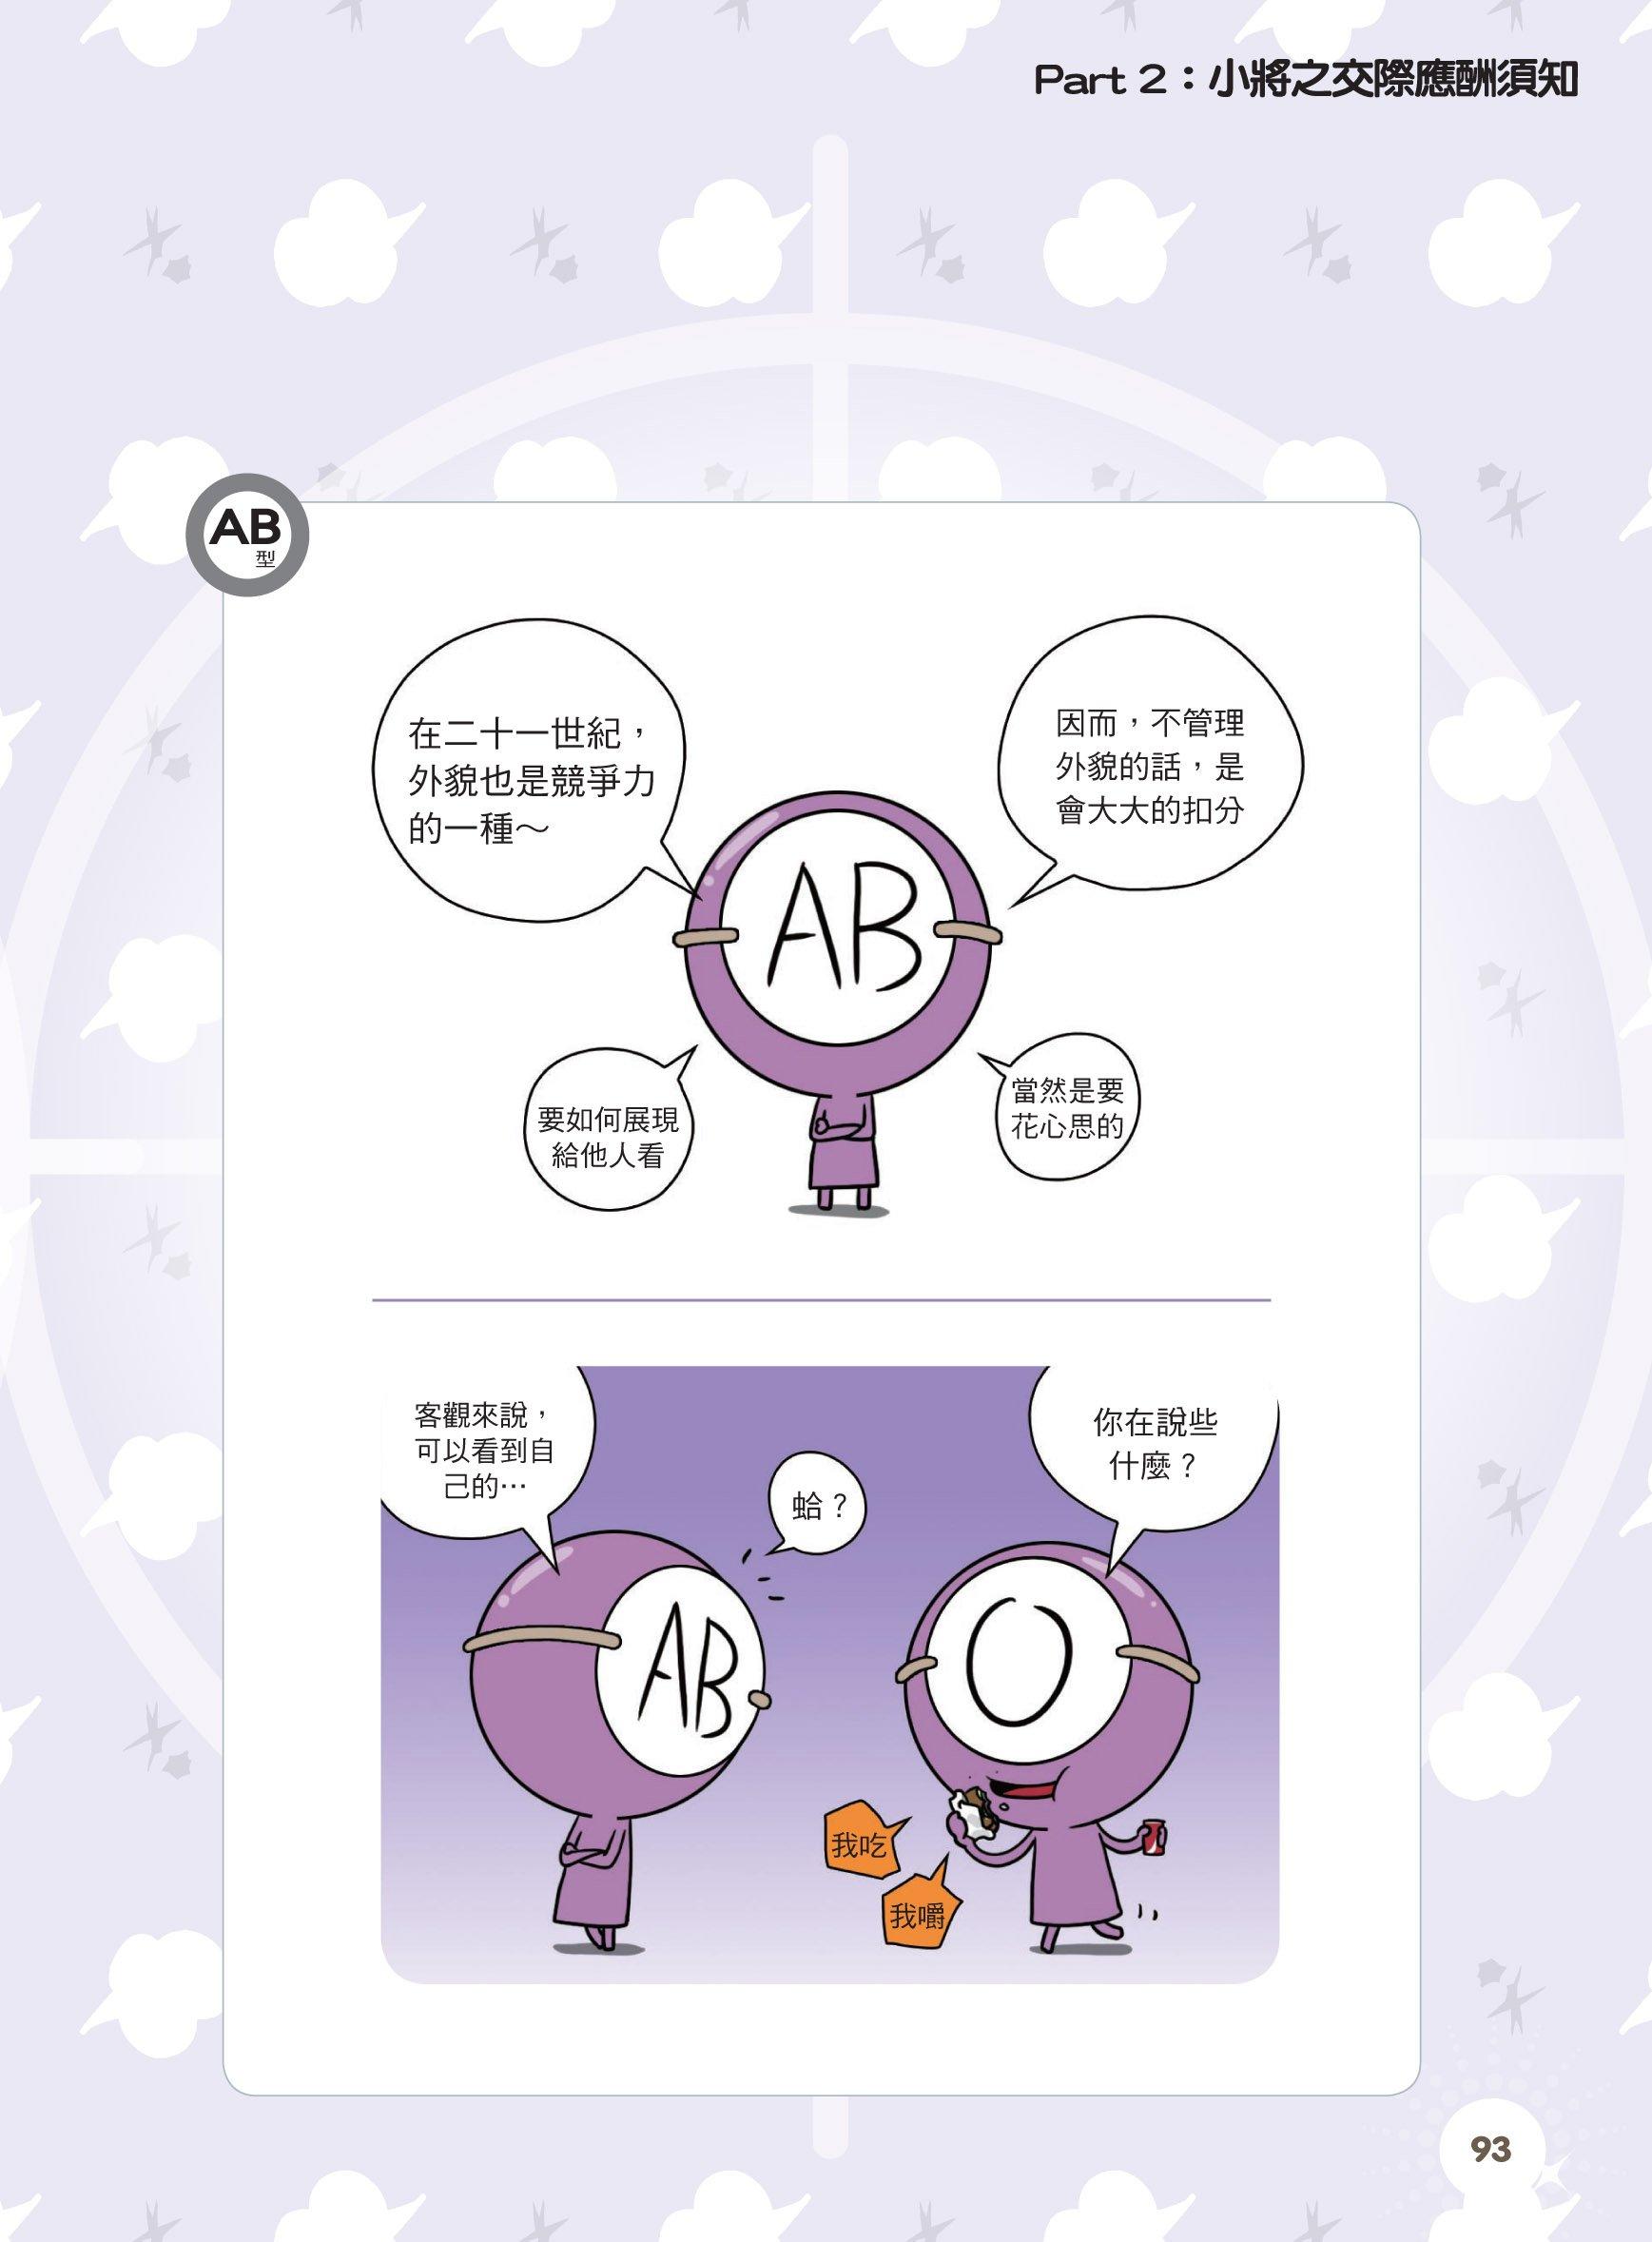 內頁圖檔2bdddxr1